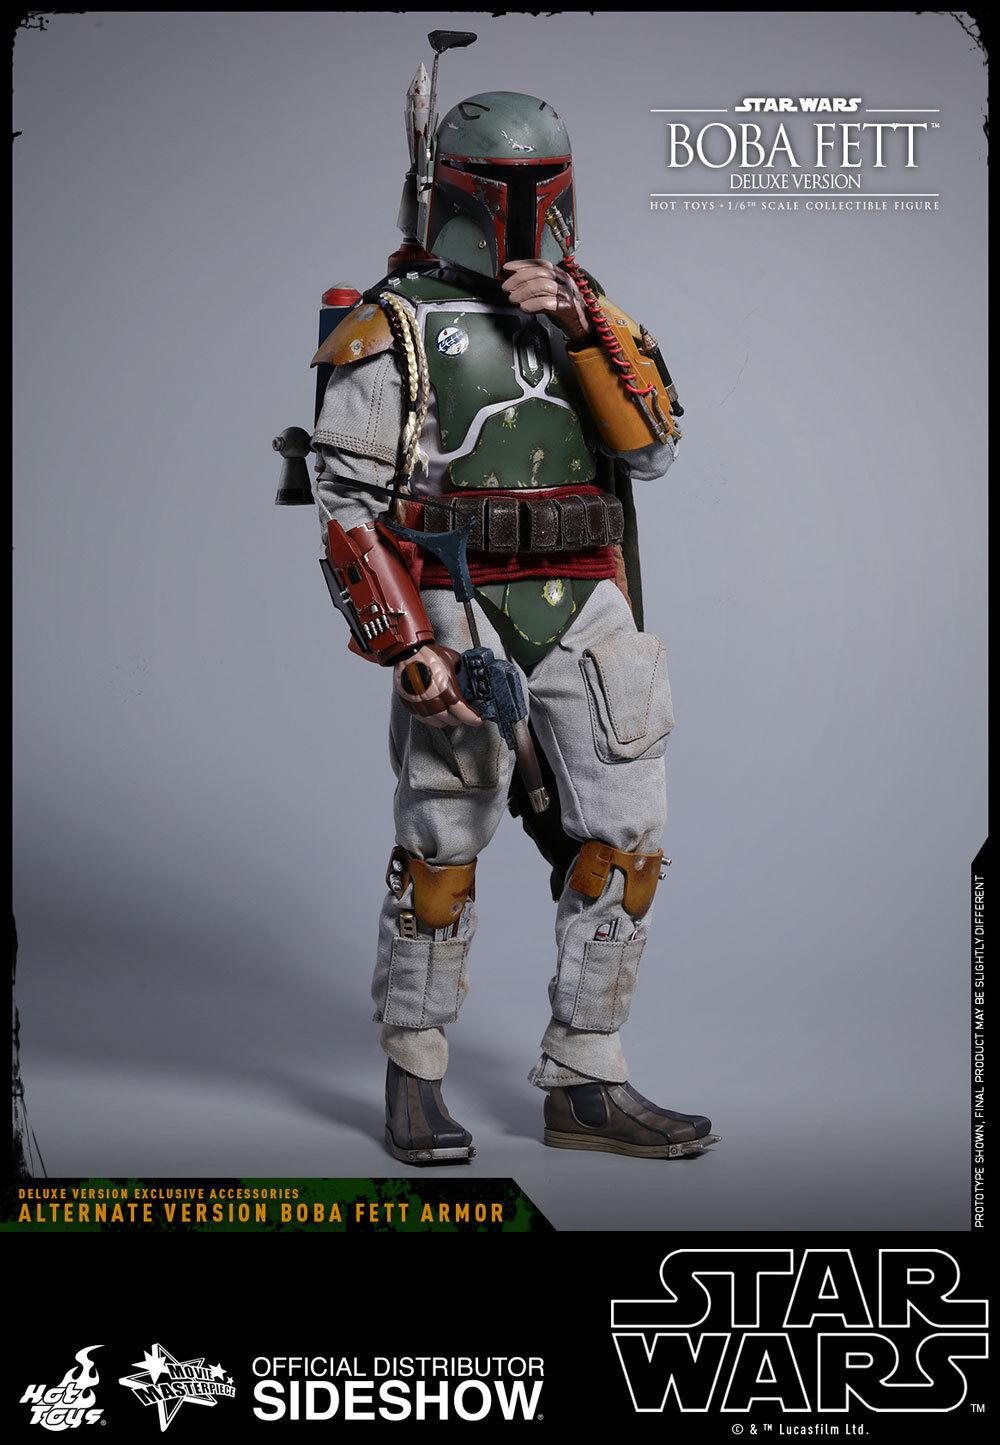 Hot Toys Boba Fett versión Deluxe Star Wars Imperio Contraataca figura de escala 16 nuevo en la acción